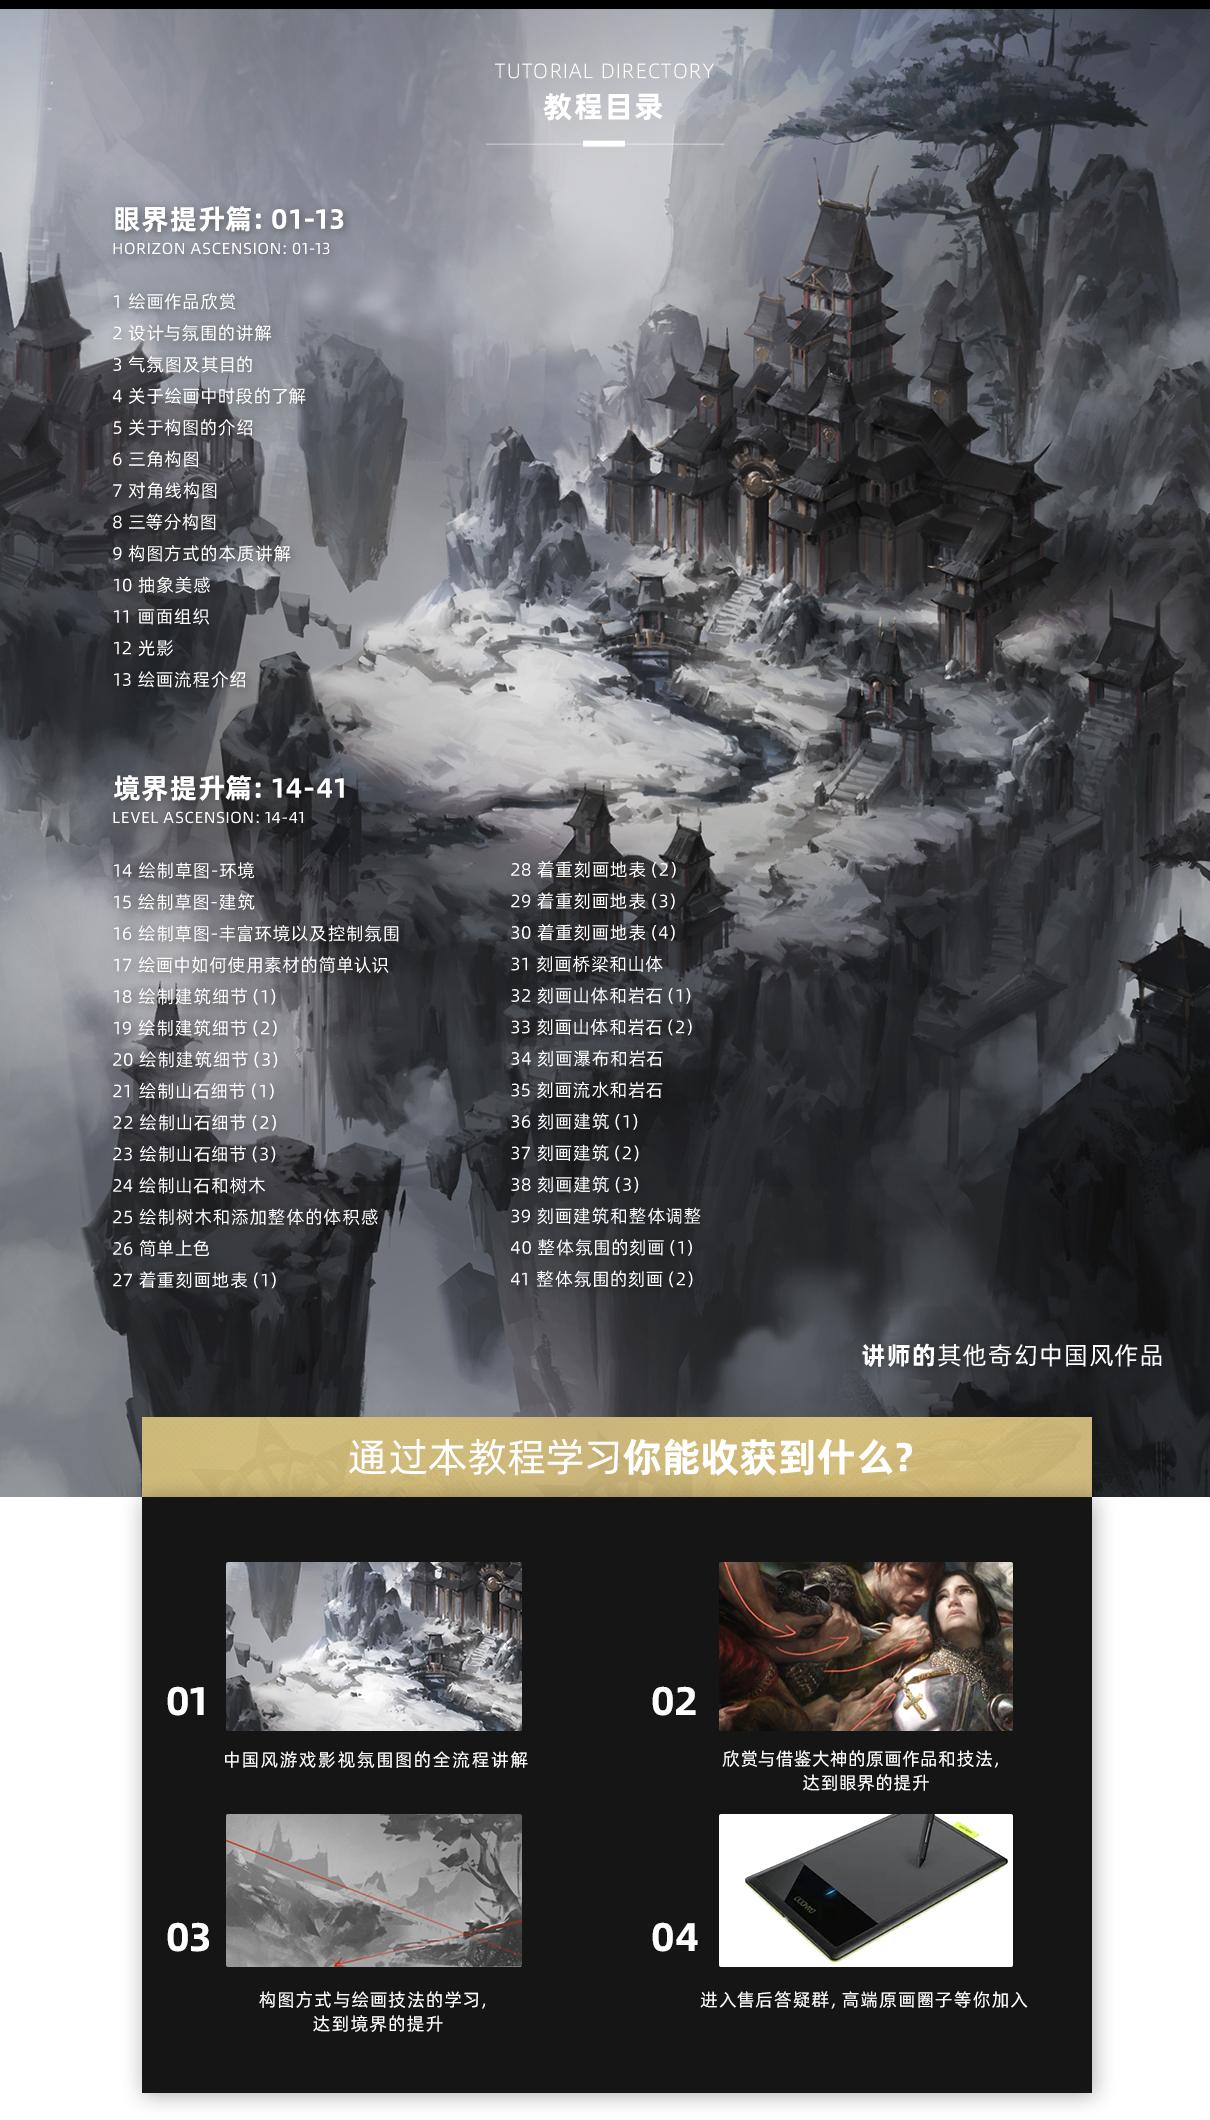 陈毅鹏原画课程1210修改_07.jpg